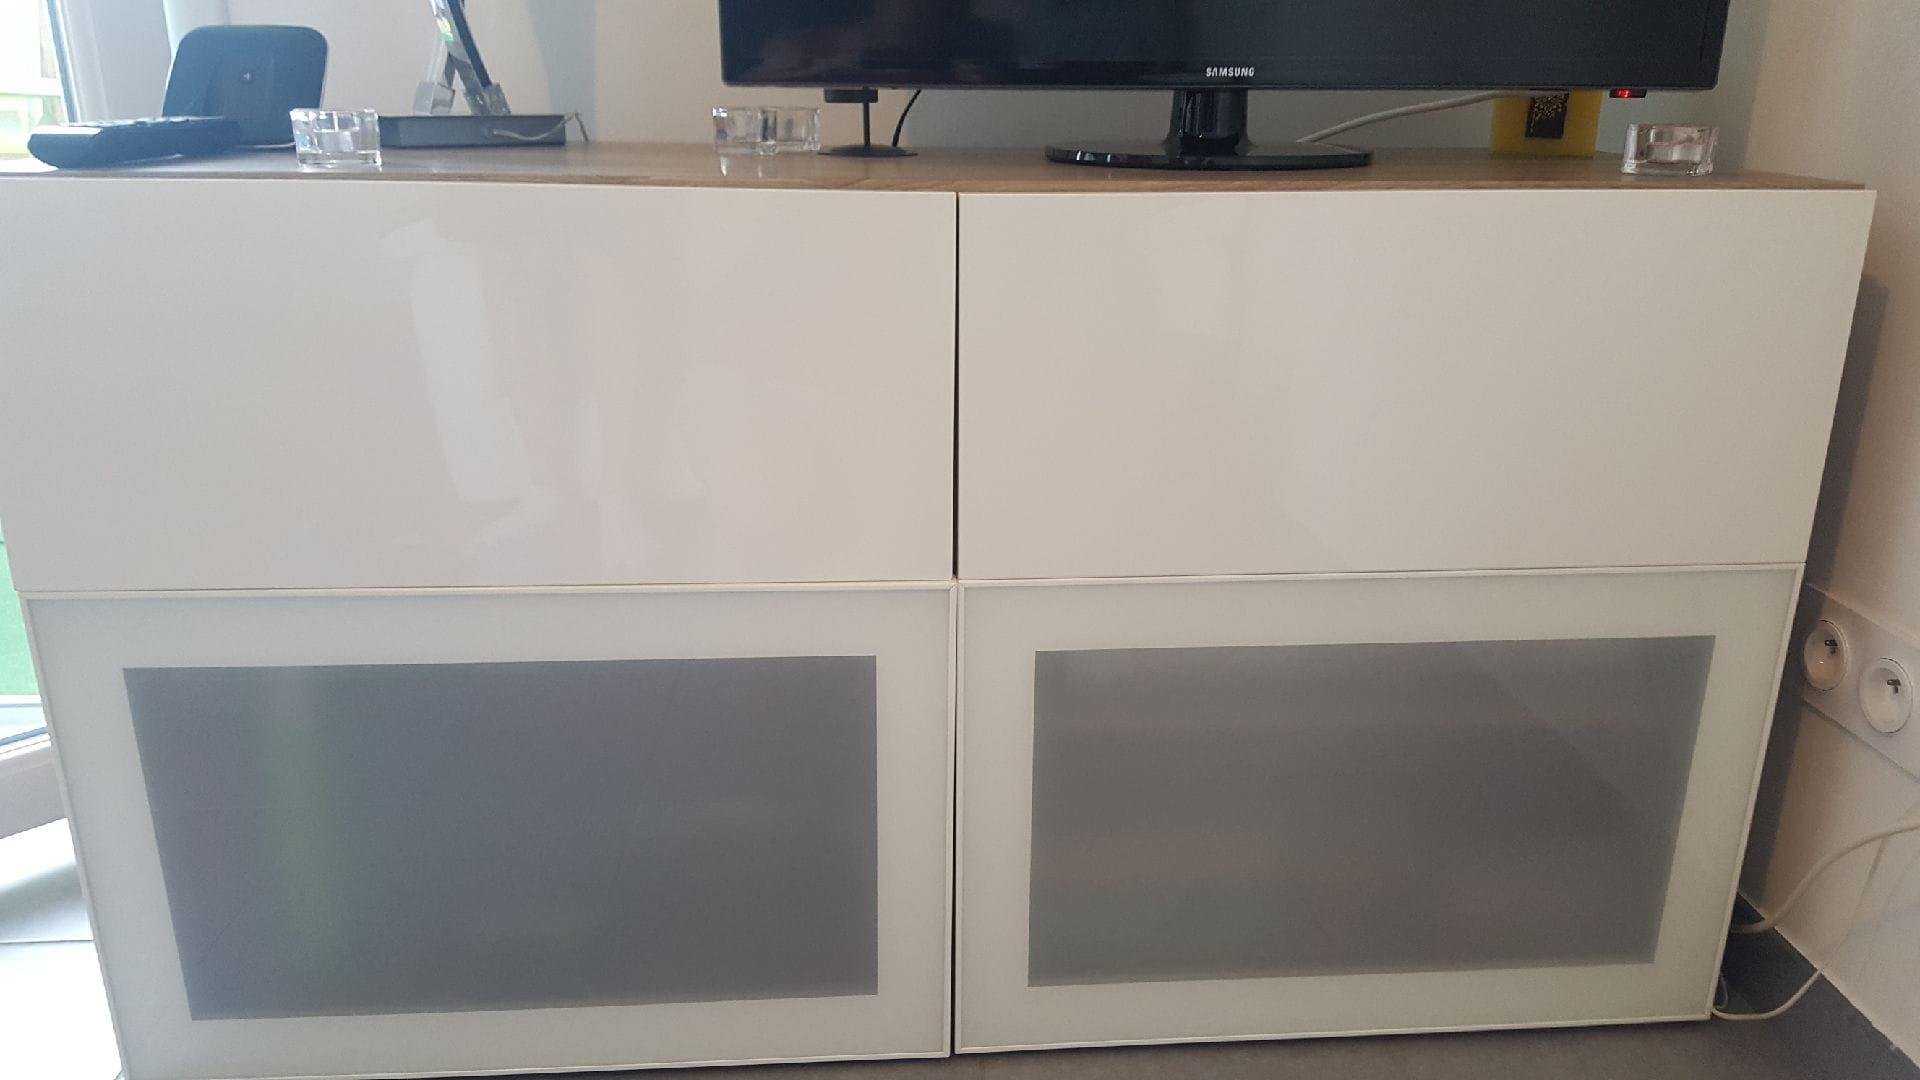 Meuble Sur Frigo Ikea pb portes et tiroirs non alignés ikea - linternaute